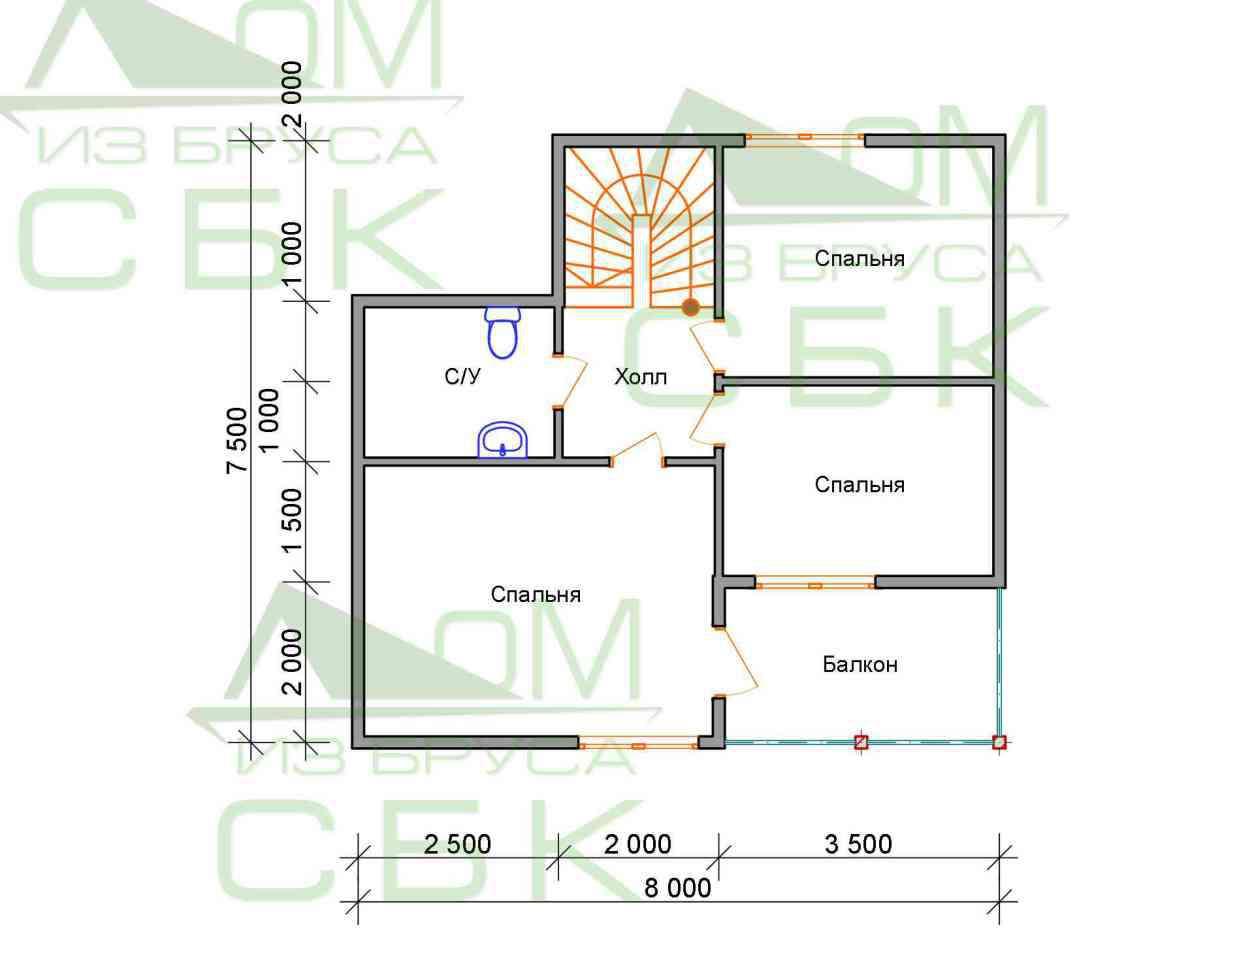 Проект дома из бруса 7,5 х 8 м «Васильевское» - план 2 этаж